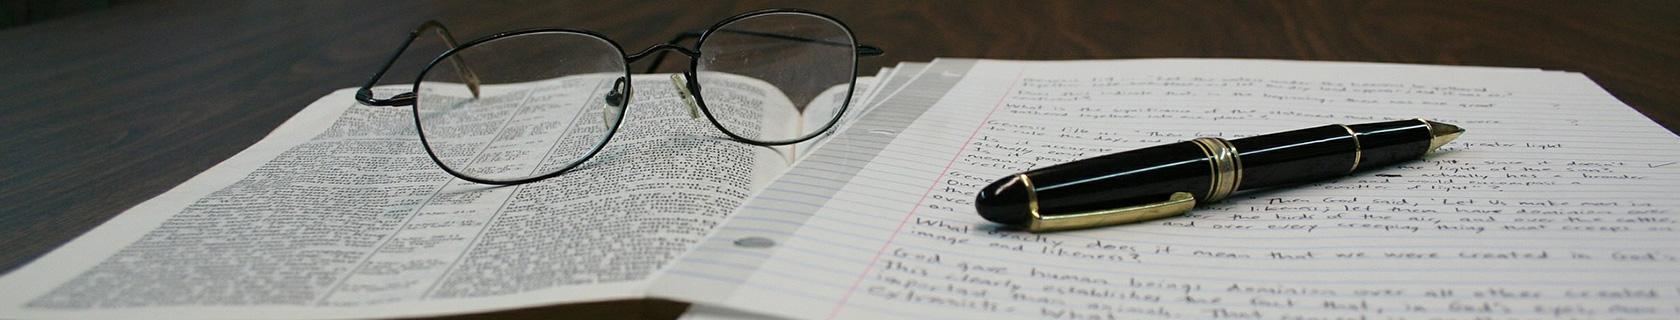 Hintergrundbild Plagiatsprüfung Brille mit Füller